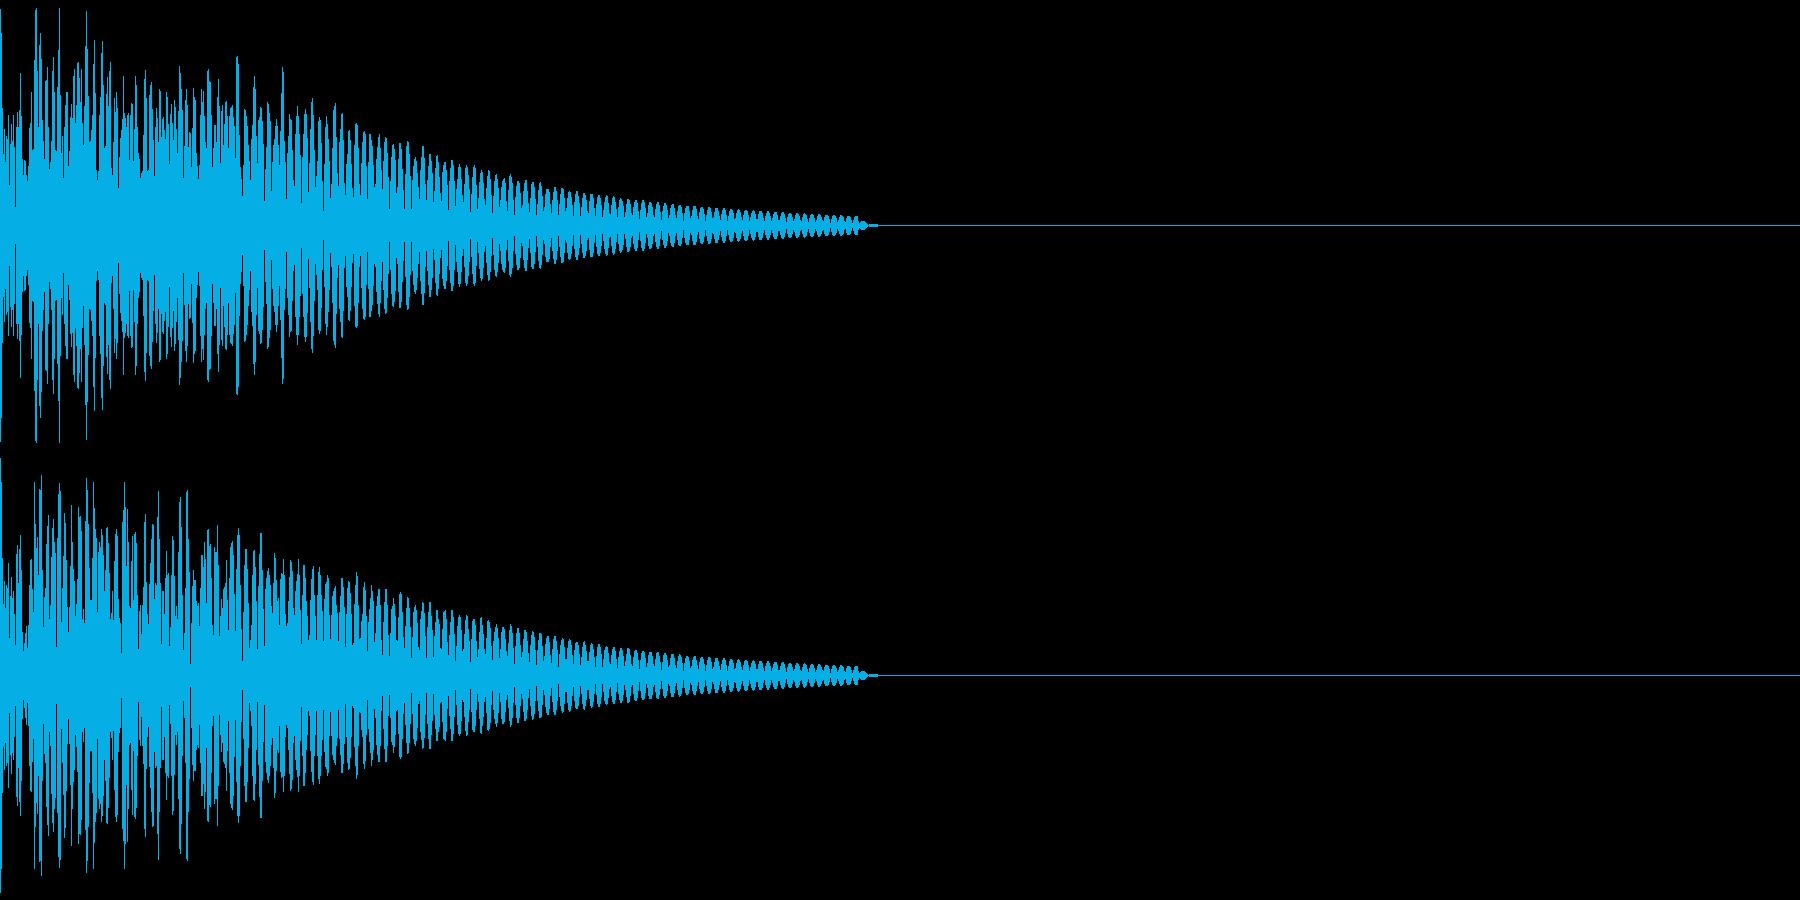 キック/壮大/広範囲/ドラム/低音/1Bの再生済みの波形